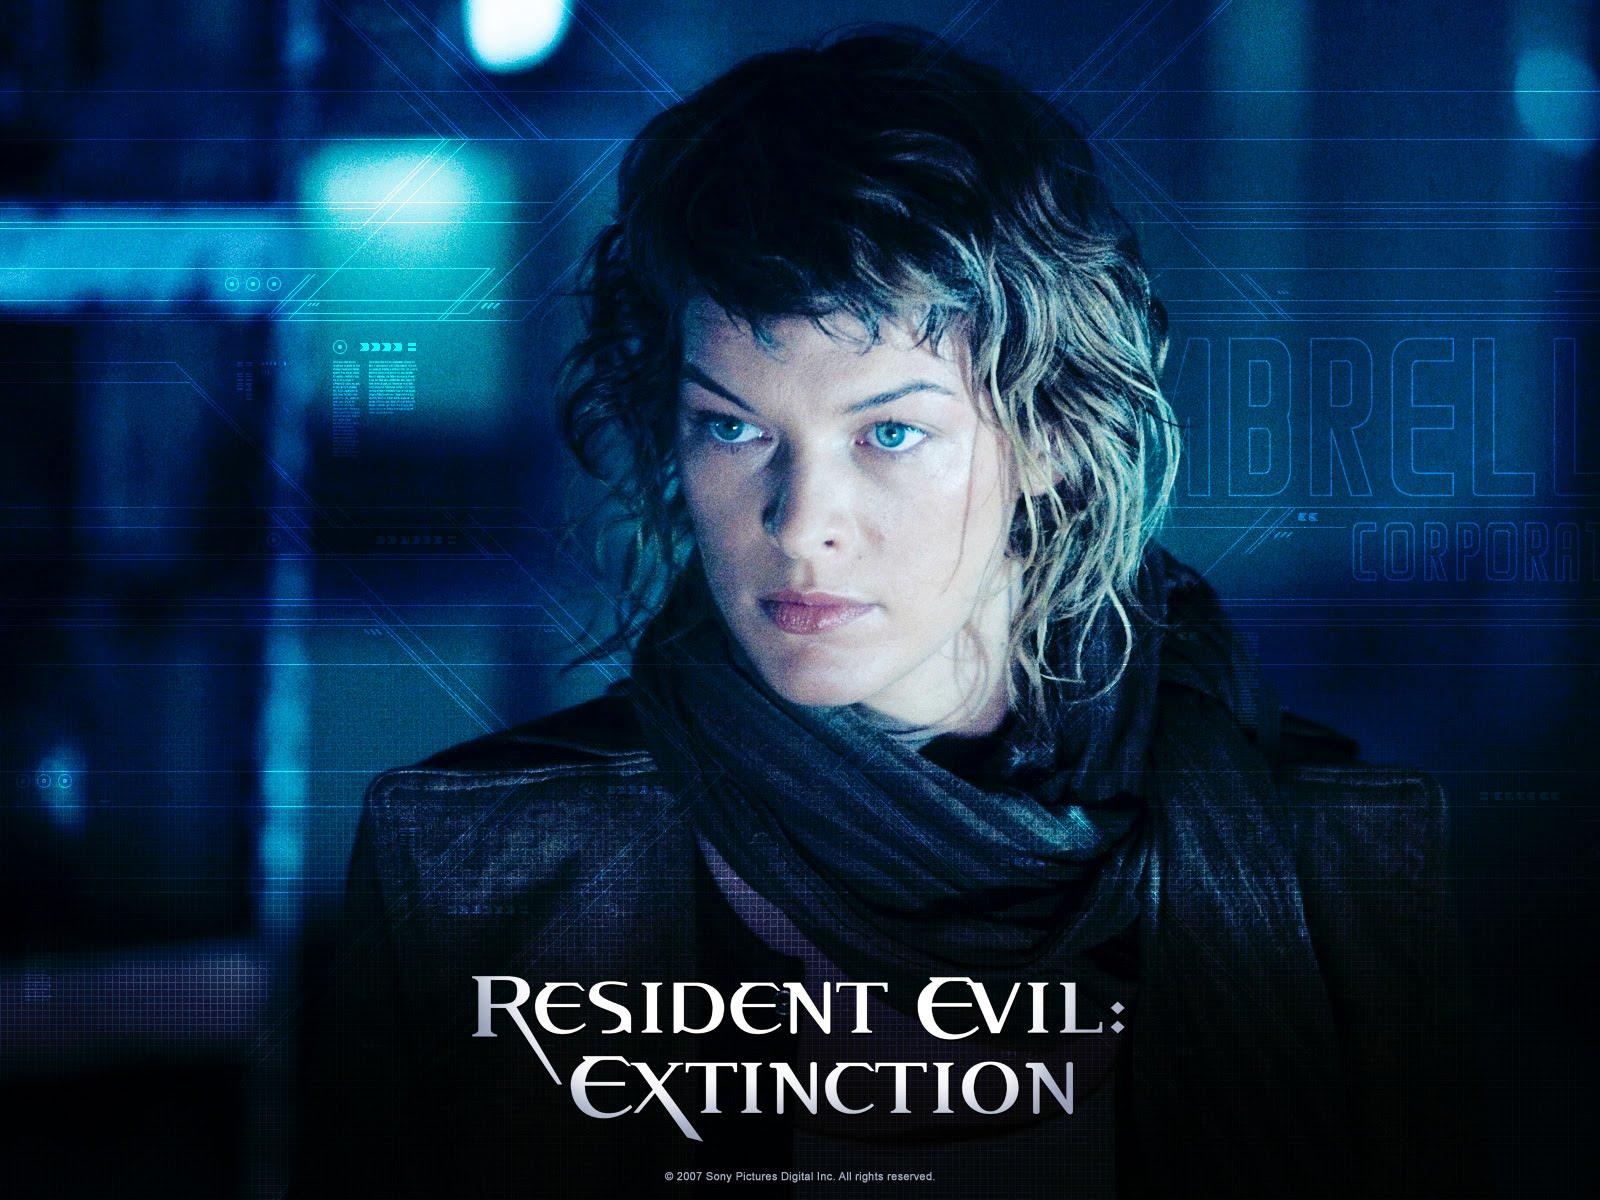 http://4.bp.blogspot.com/_2U3U6AwE-ZQ/TI-rLqOgRTI/AAAAAAAAAXw/rZHjCymV94Q/s1600/Resident_Evil_Extinction-002%28www.TheWallpapers.org%29.jpg